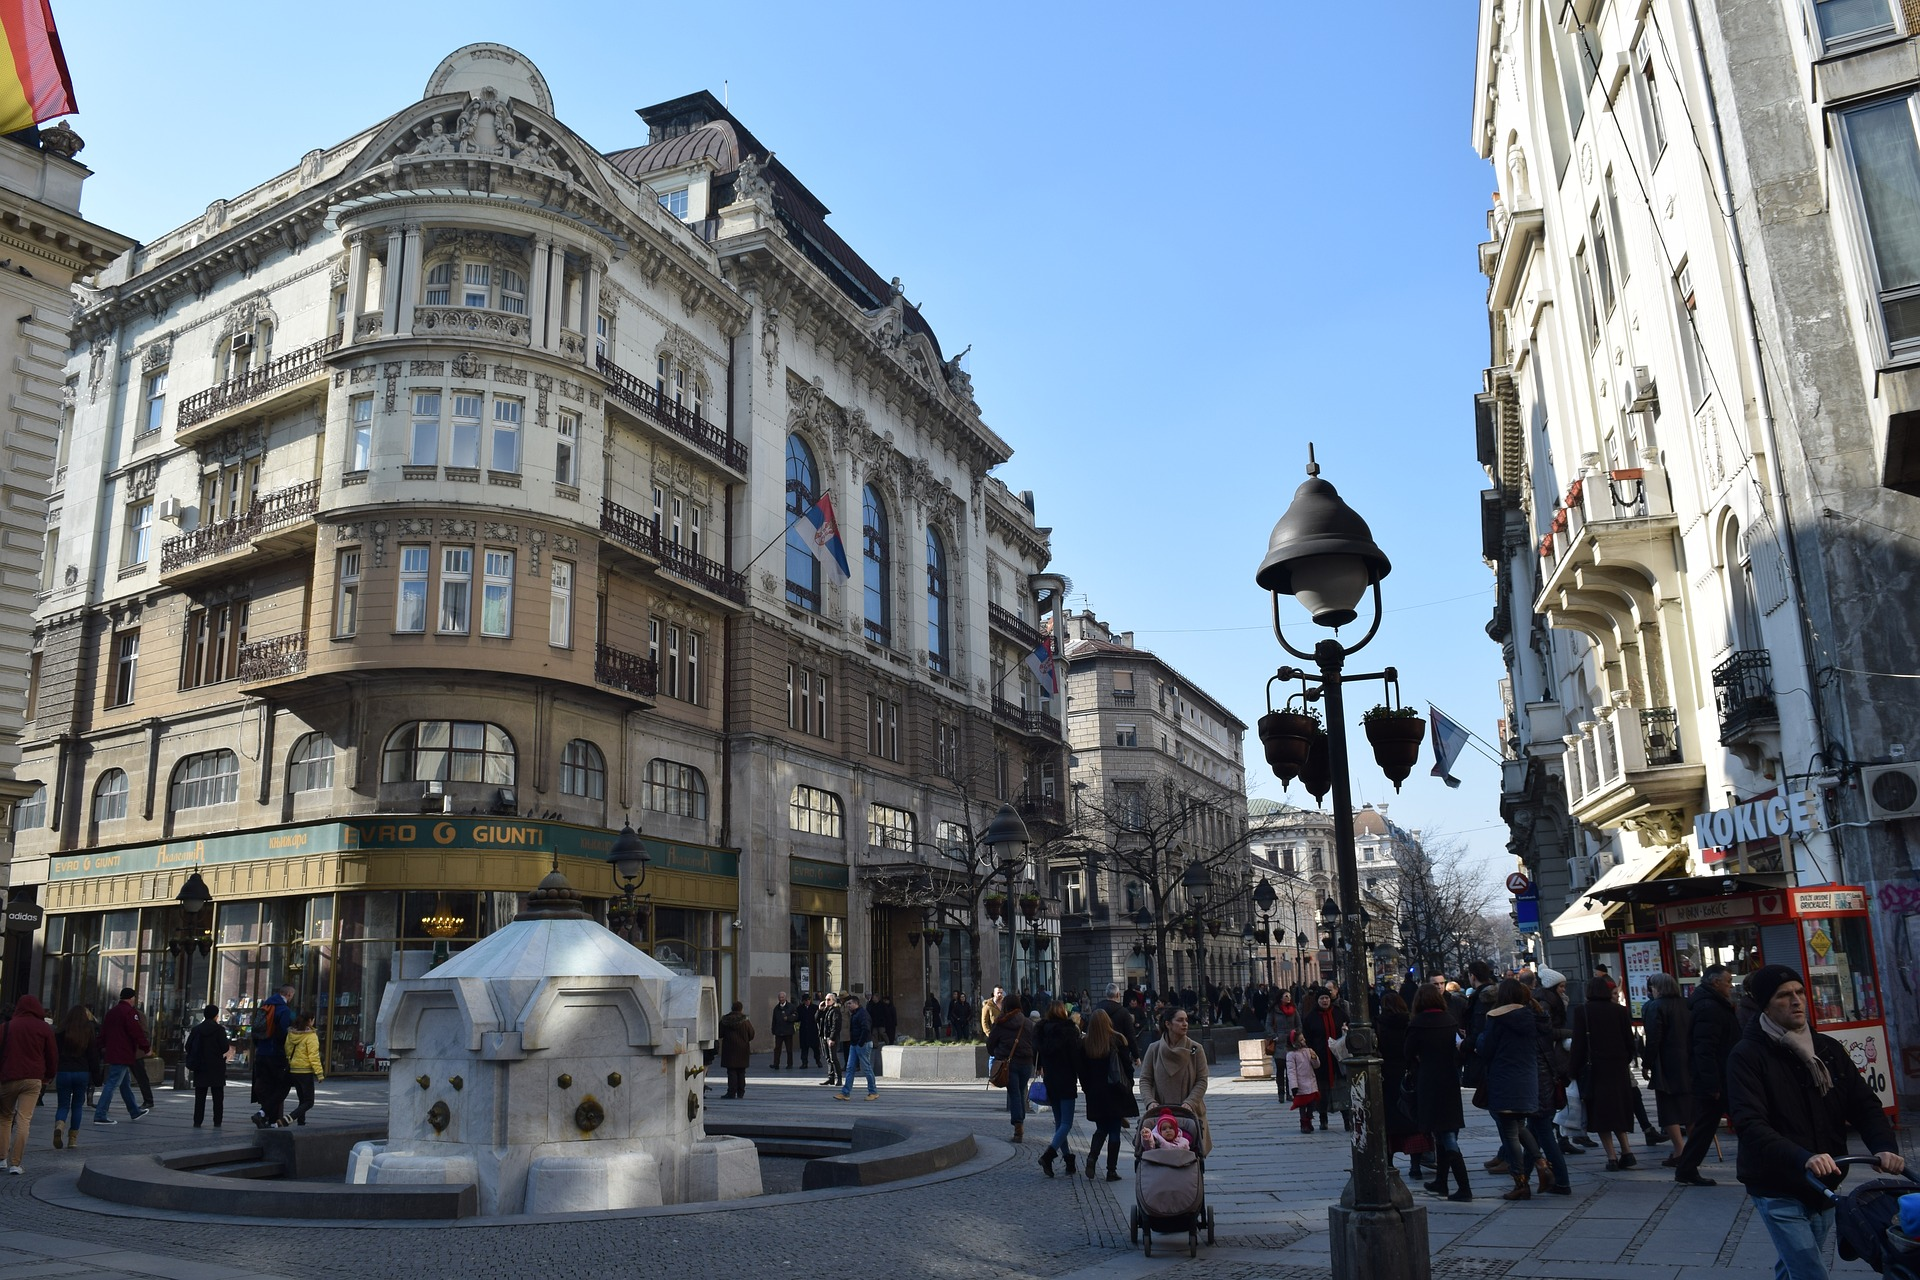 Госдеп выделит полмиллиона долларов на антикоррупционный проект в Сербии